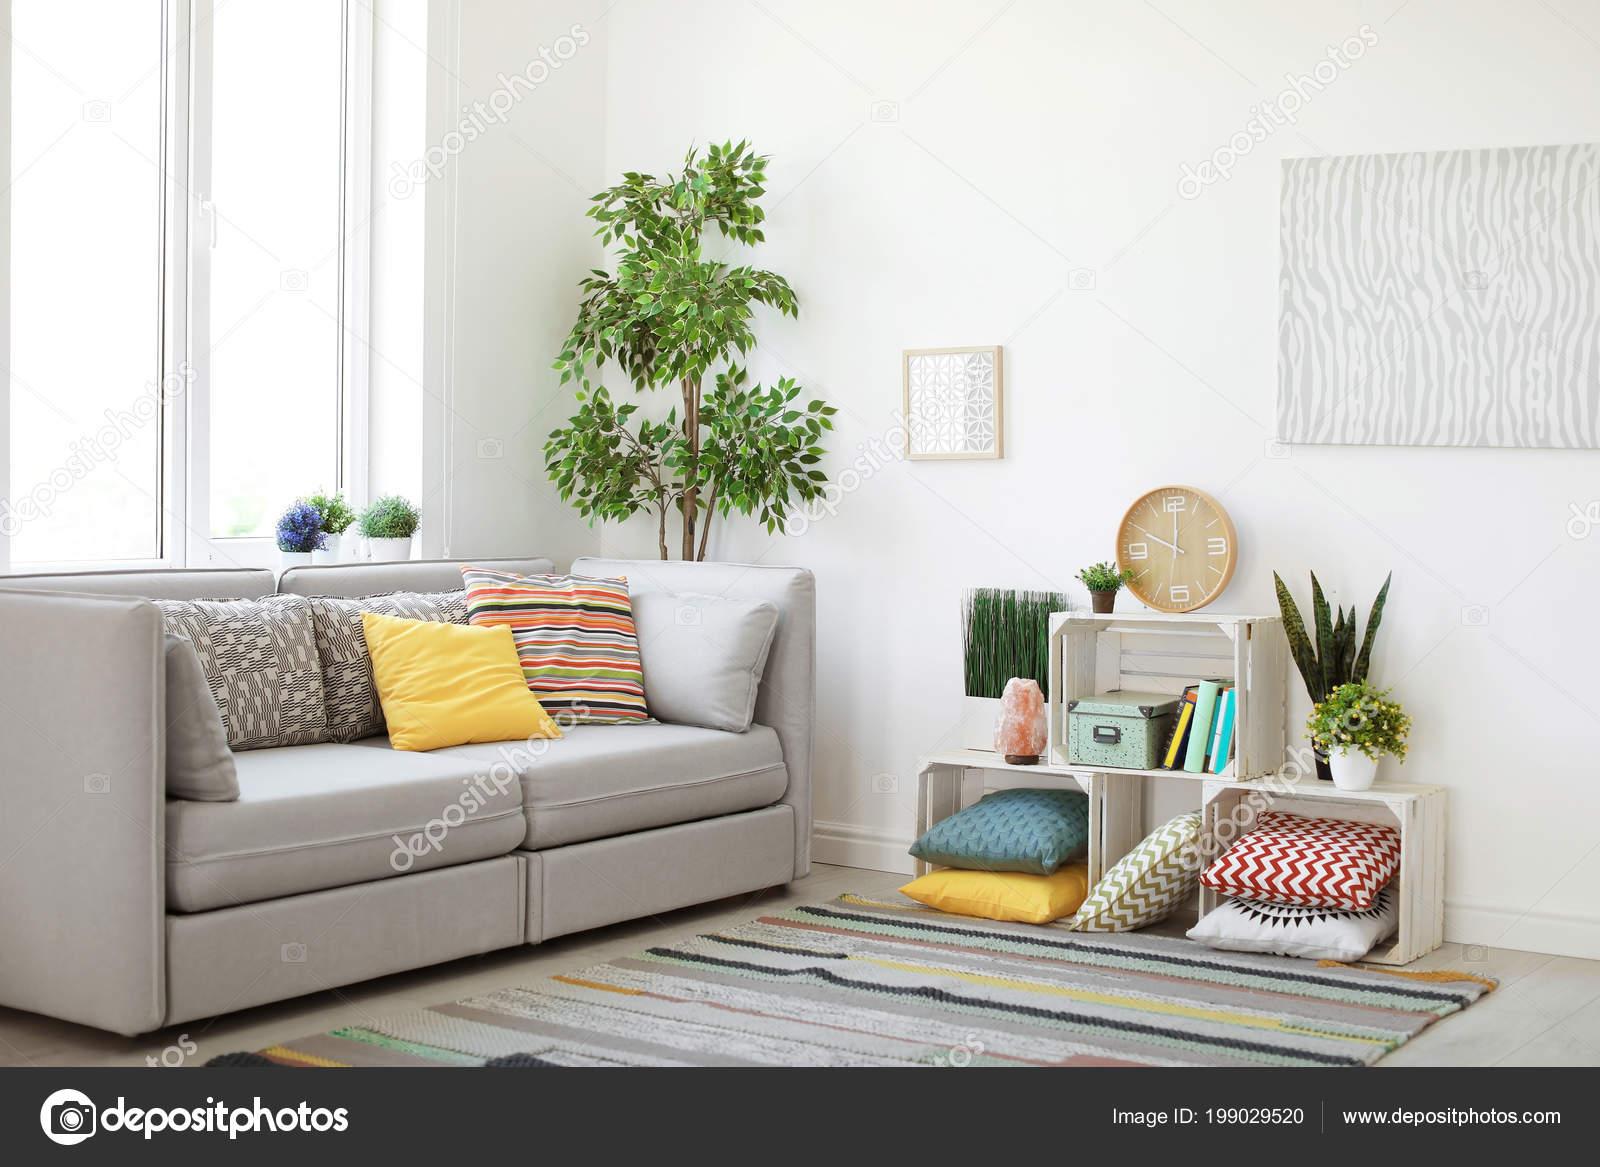 Interieur van moderne woonkamer met kussens bank u2014 stockfoto